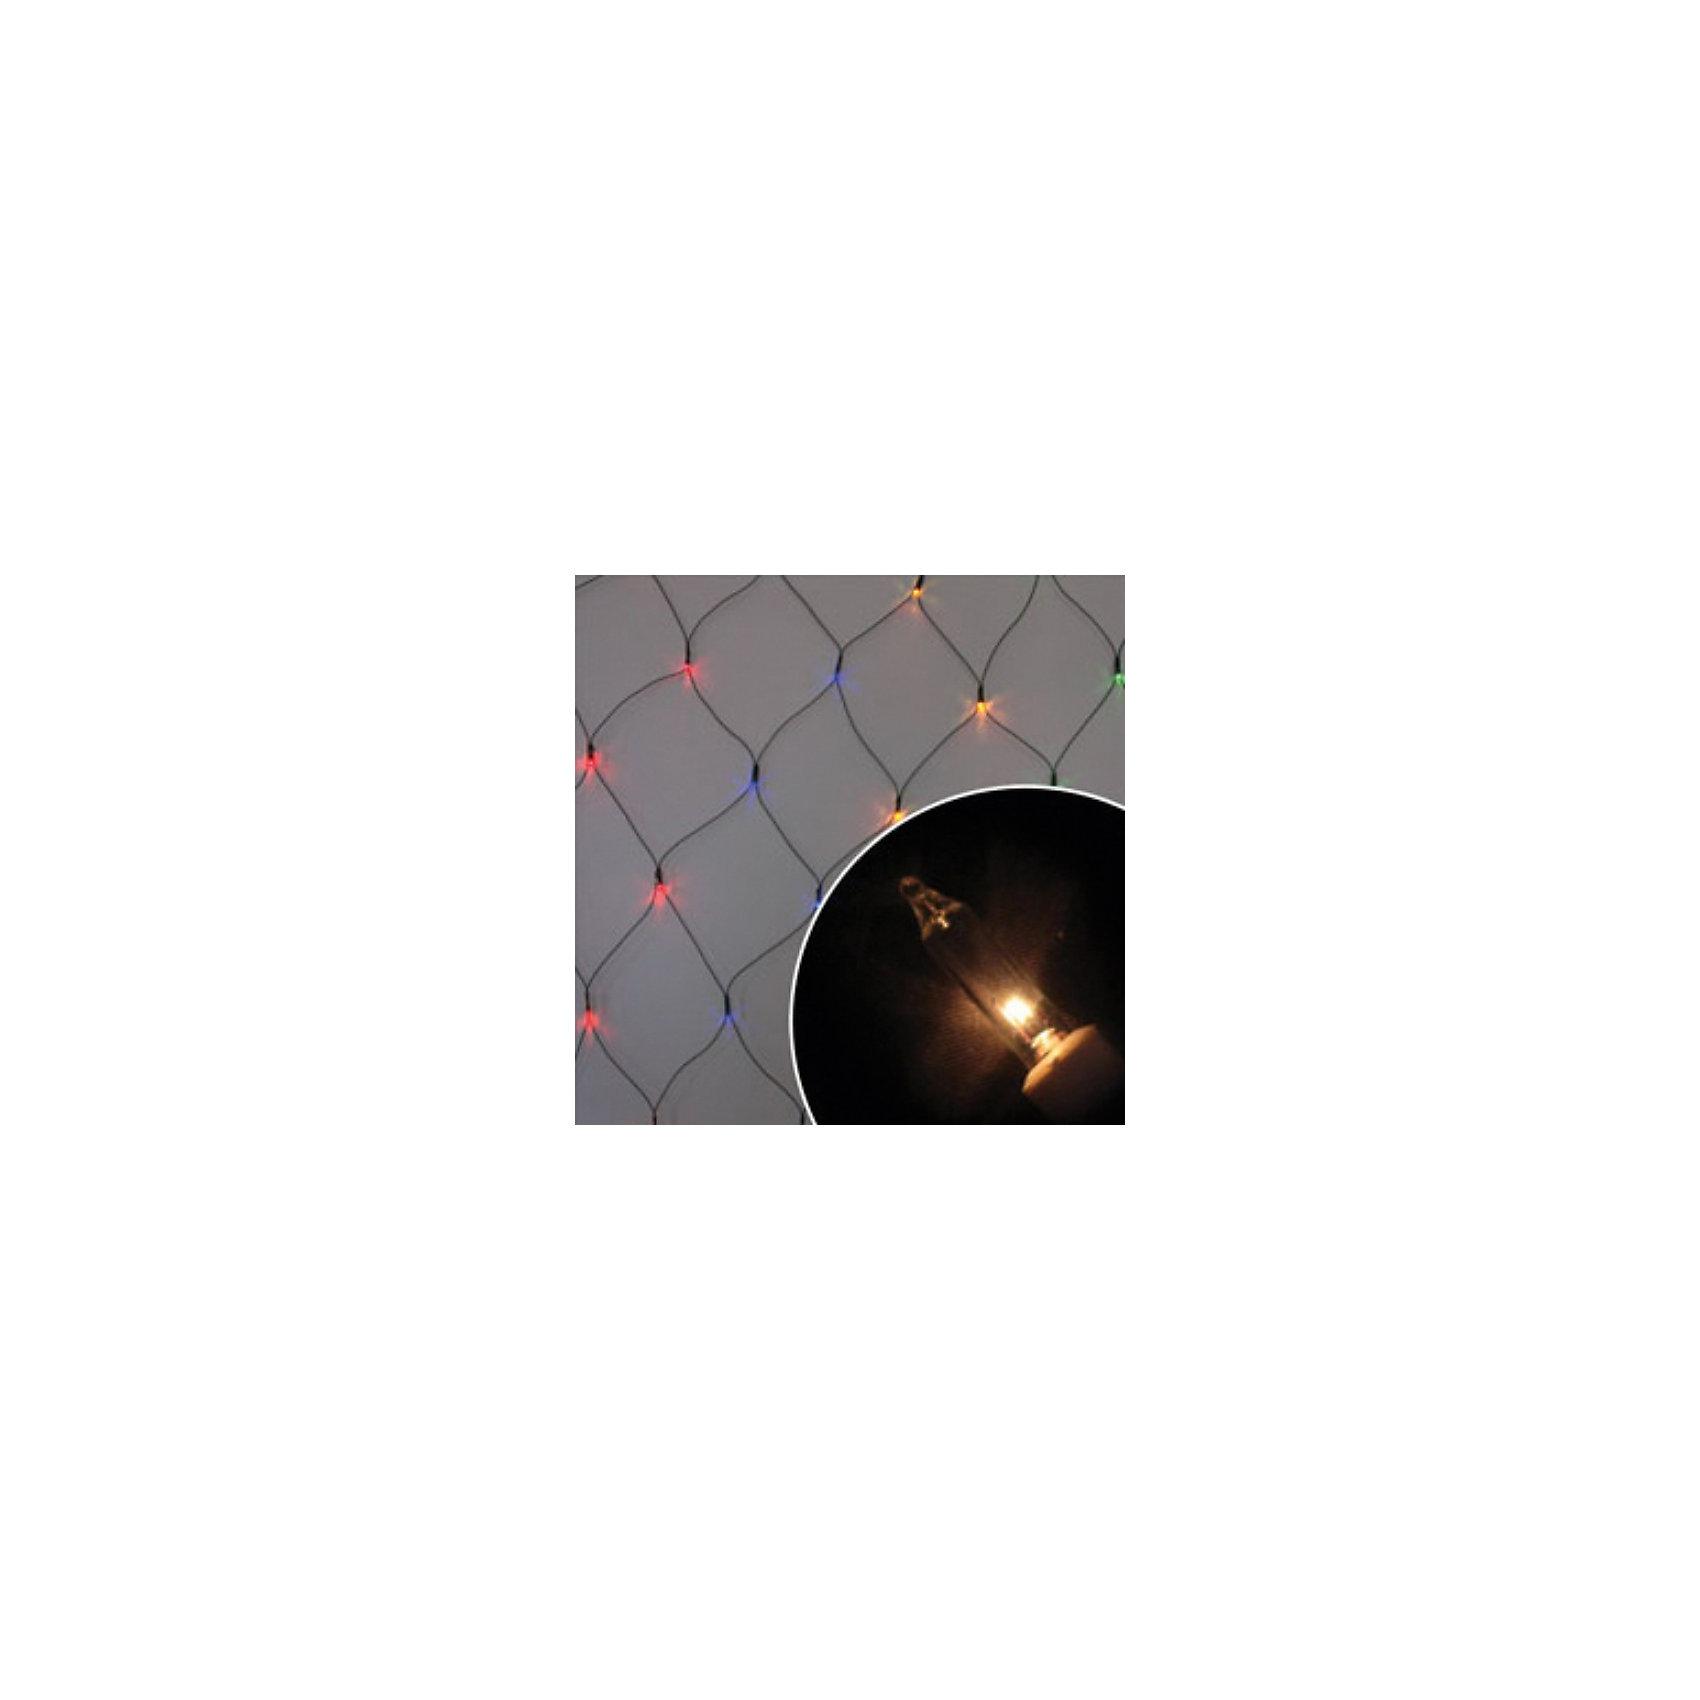 Электрогирлянда Сетка, 1,5х2,5 м,  многоцв., 240 лампЭлектрогирлянда Сетка, Волшебная страна станет замечательным украшением Вашей новогодней елки или интерьера и поможет создать праздничную волшебную атмосферу.<br>Оригинальная гирлянда в виде сетки состоит из 240 разноцветных мини-ламп и работает в восьми режимах мигания, она будет чудесно смотреться на елке и радовать детей и<br>взрослых. <br><br>Дополнительная информация:<br><br>- Размер гирлянды: 1,5 х 2,5 м.<br>- Размер упаковки: 56 x 9 x 10 см.<br>- Вес: 0,439 кг. <br>- Мощность: 115Вт<br>- Напряжение: 220-240В<br><br>Электрогирлянду Сетка, Волшебная страна можно купить в нашем интернет-магазине.<br><br>Ширина мм: 560<br>Глубина мм: 90<br>Высота мм: 100<br>Вес г: 439<br>Возраст от месяцев: 60<br>Возраст до месяцев: 180<br>Пол: Унисекс<br>Возраст: Детский<br>SKU: 3791282